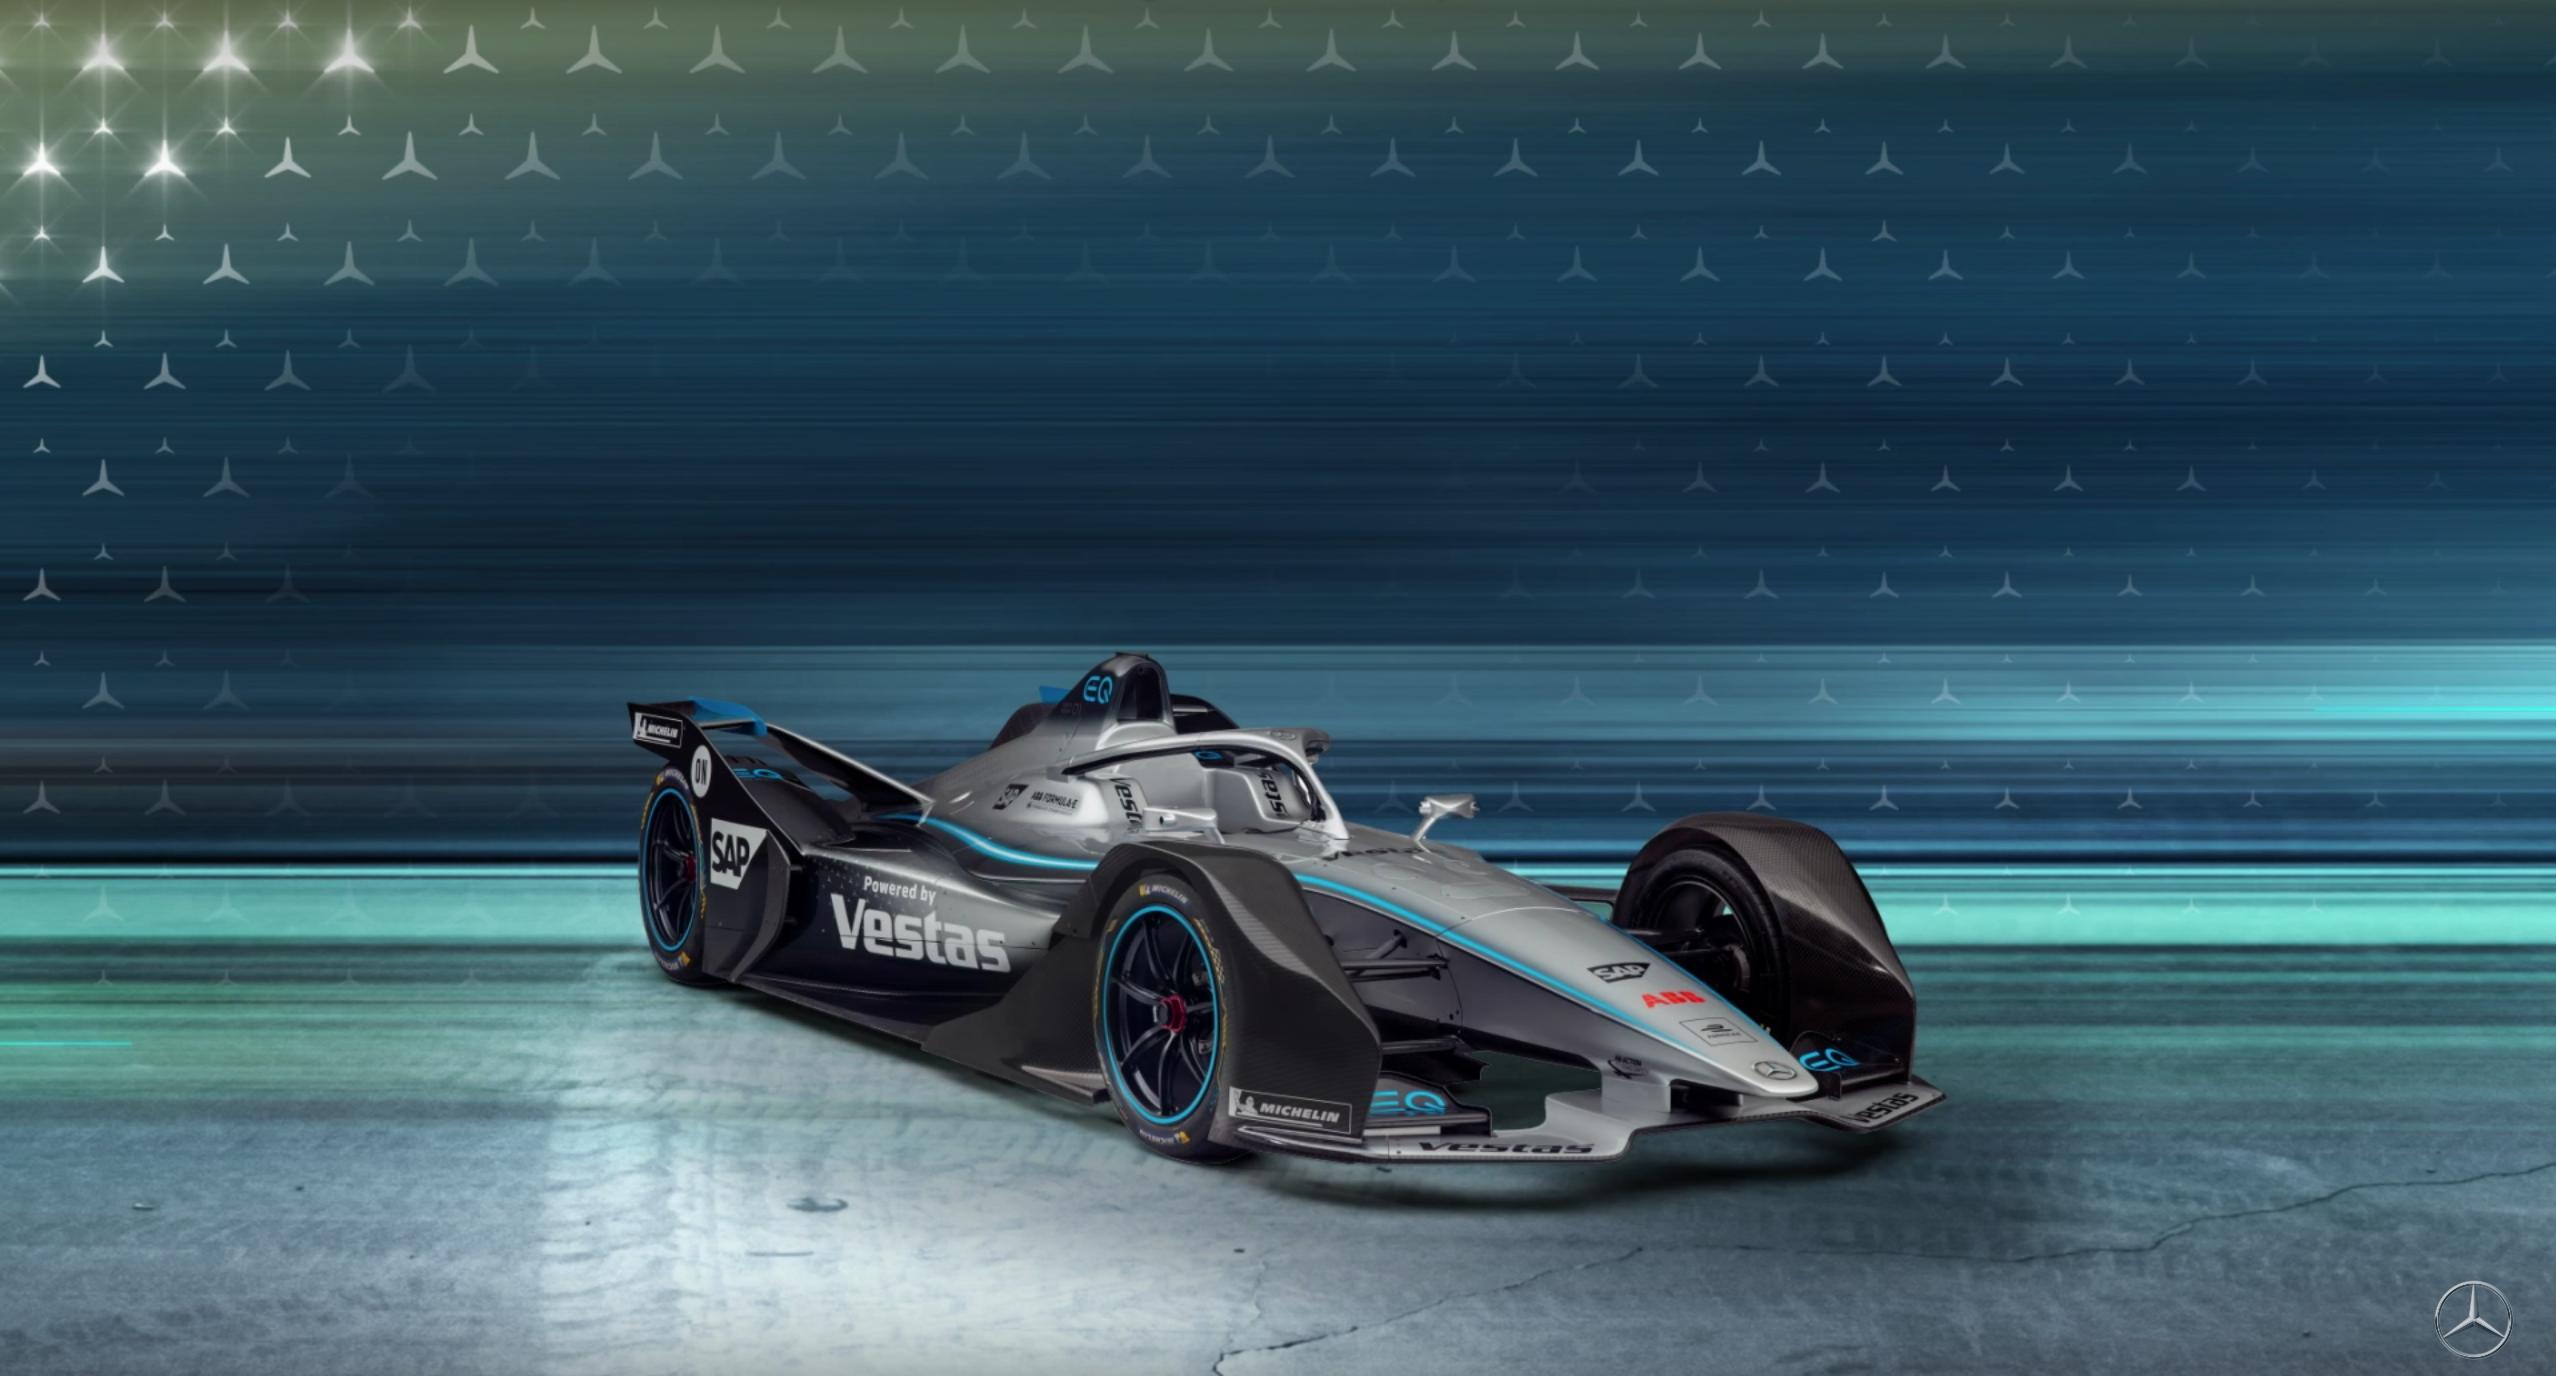 Mercedes-Benz impulsa cambio en la F1 hacia carreras más sostenibles